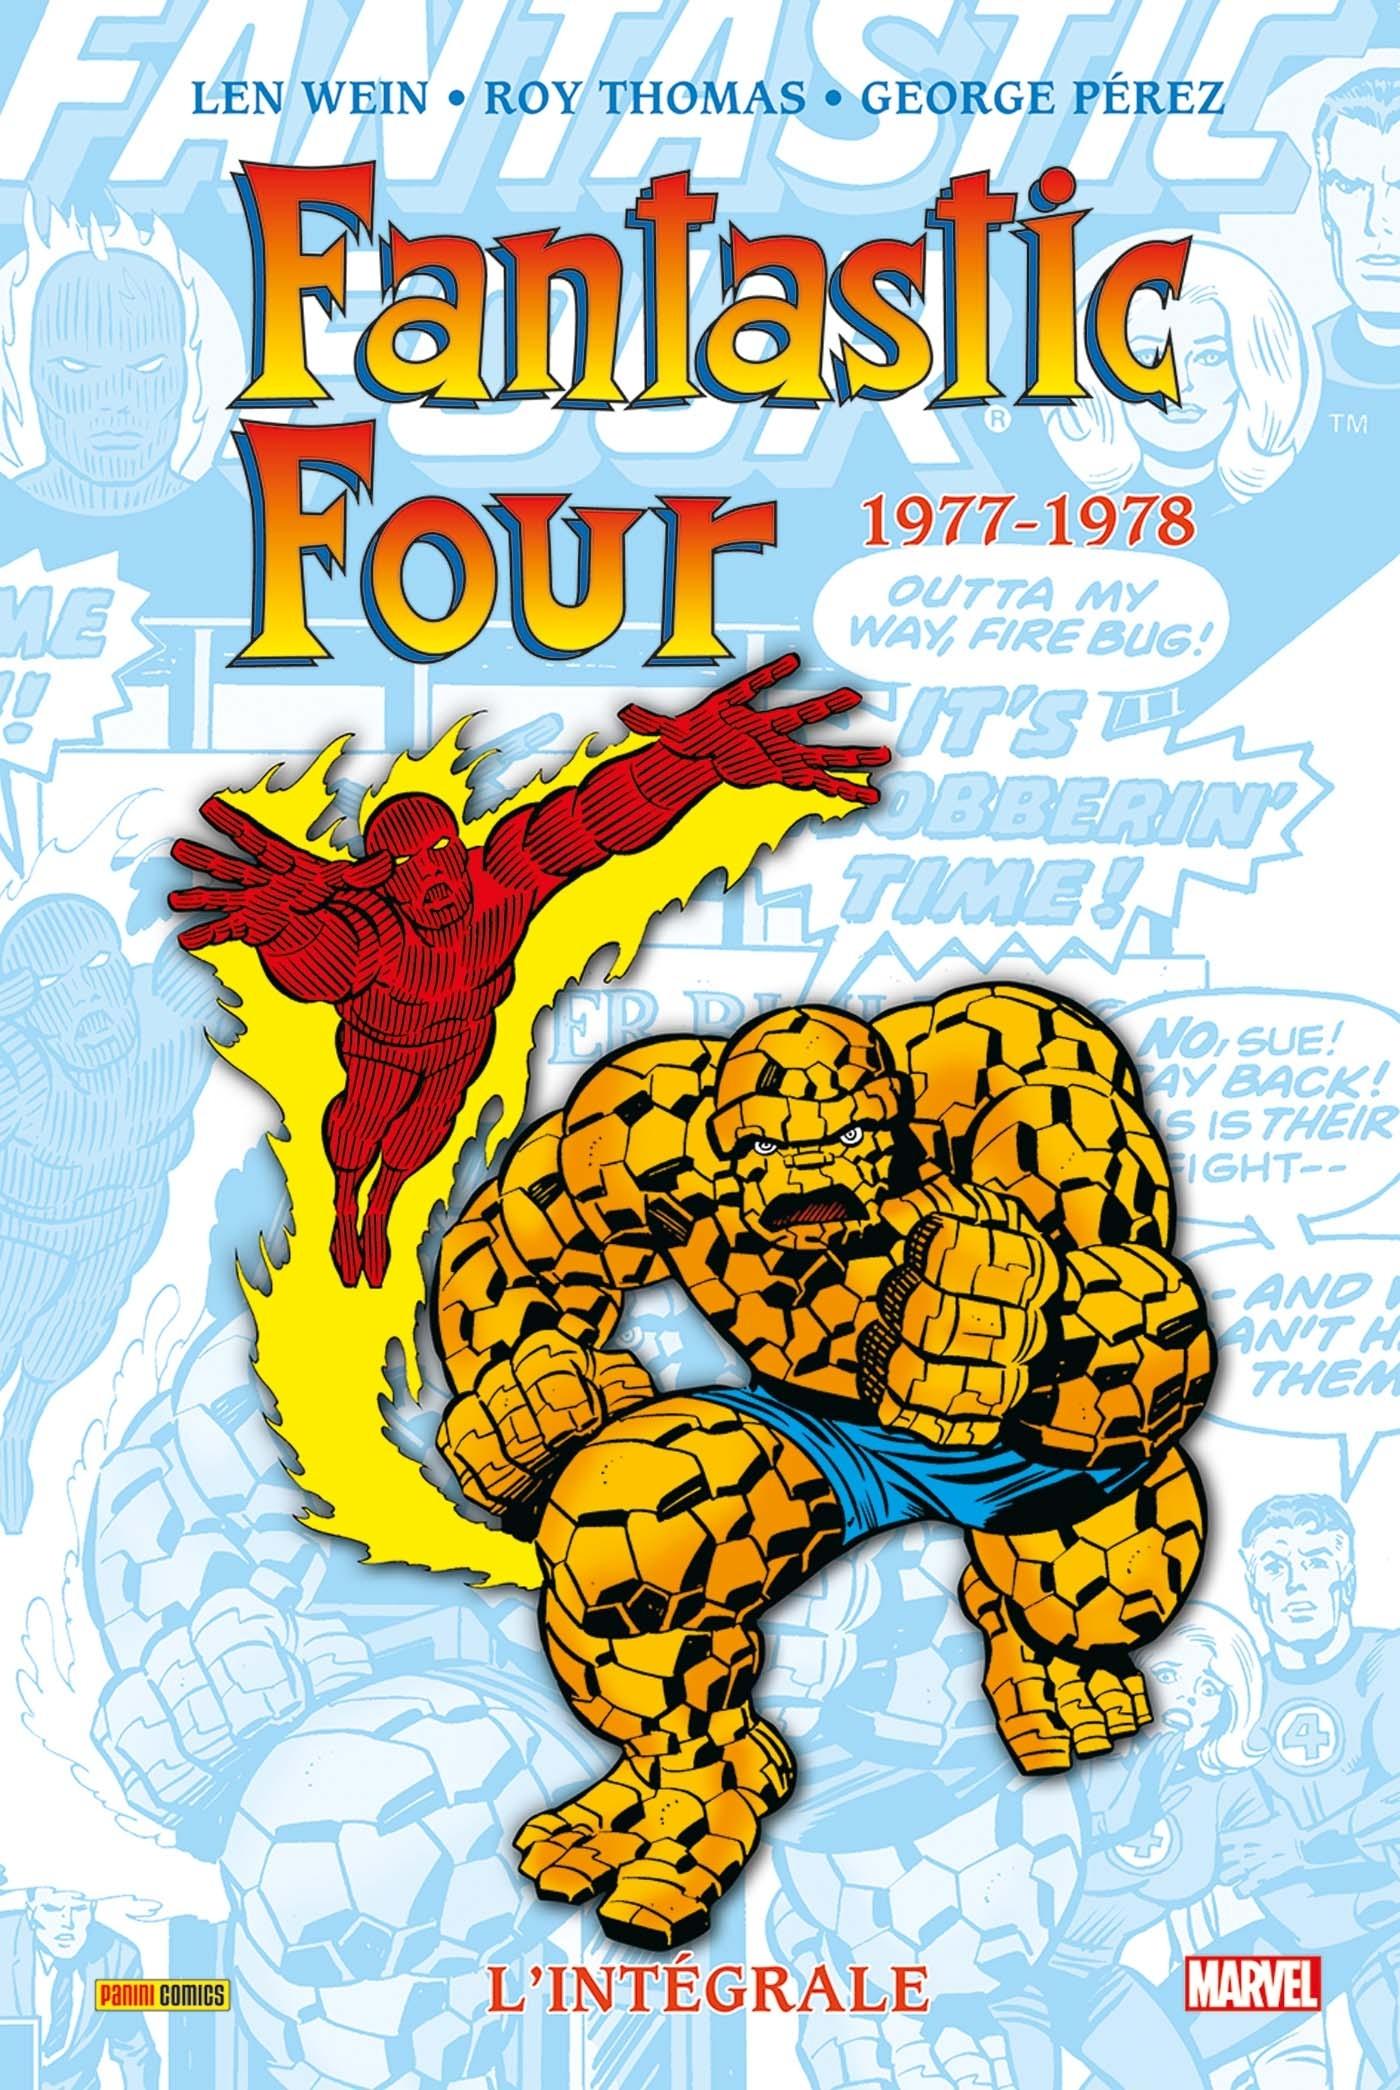 FANTASTIC FOUR : L'INTEGRALE 1977-1978